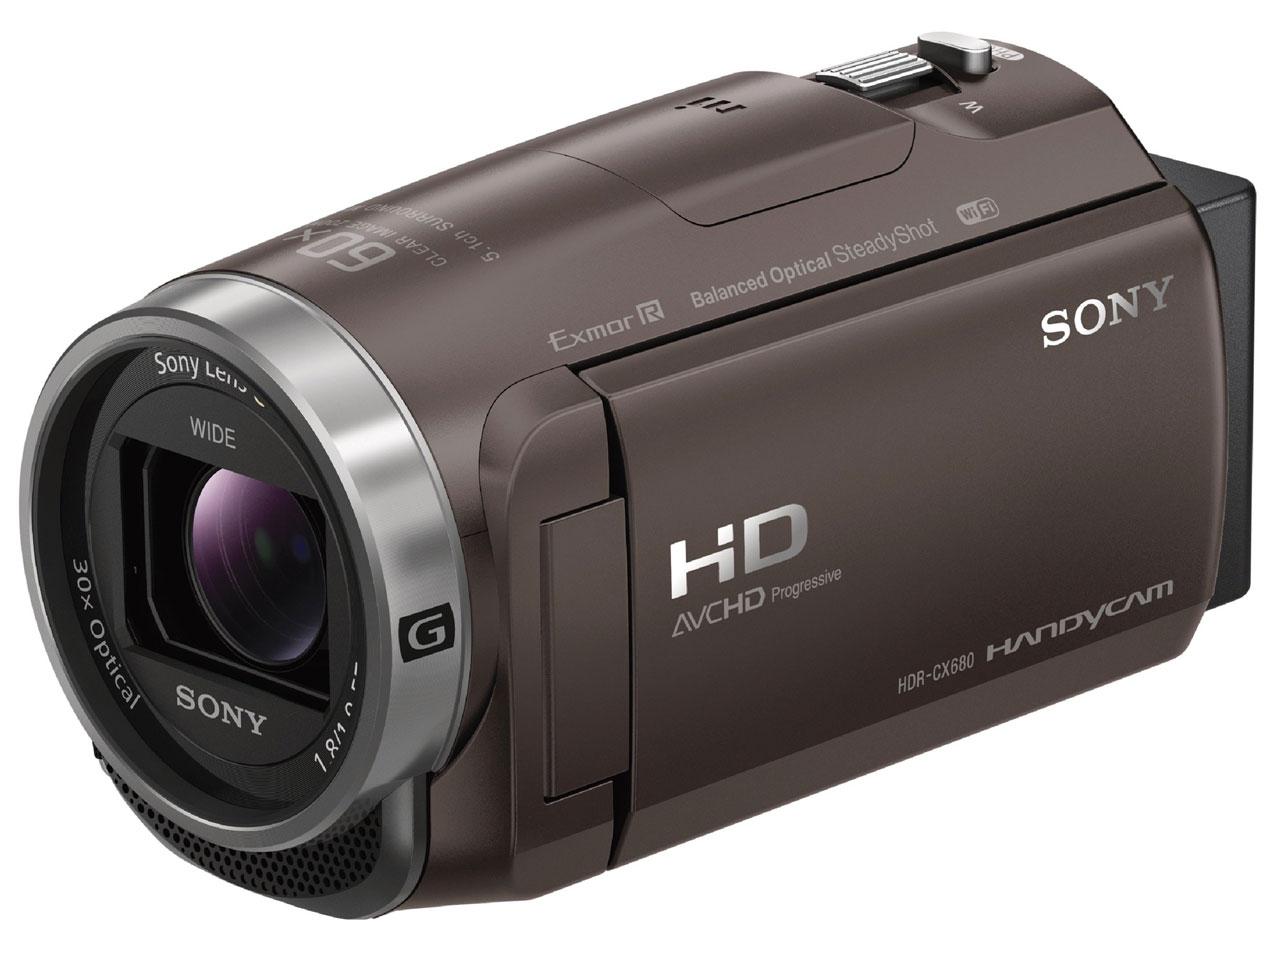 HDR-CX680 (TI) [ブロンズブラウン] の製品画像